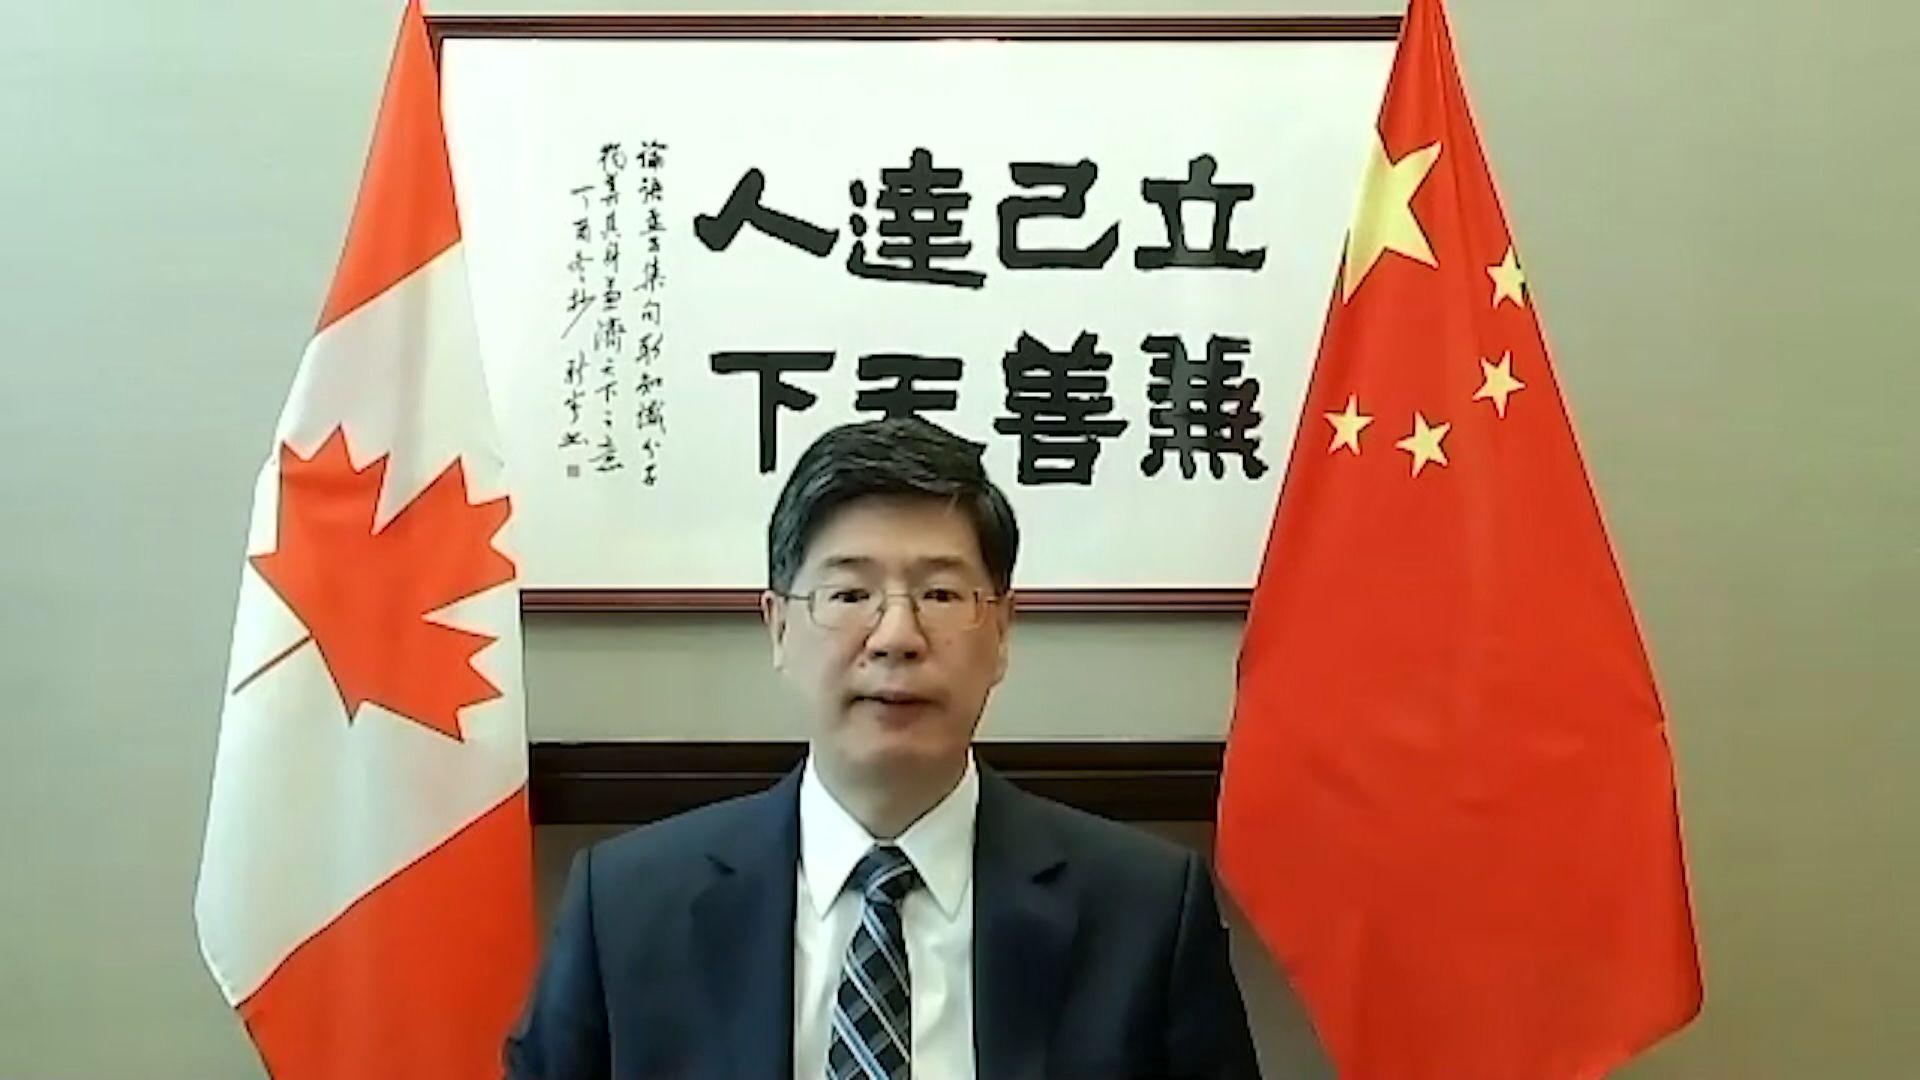 中國駐加大使促加拿大釋放孟晚舟